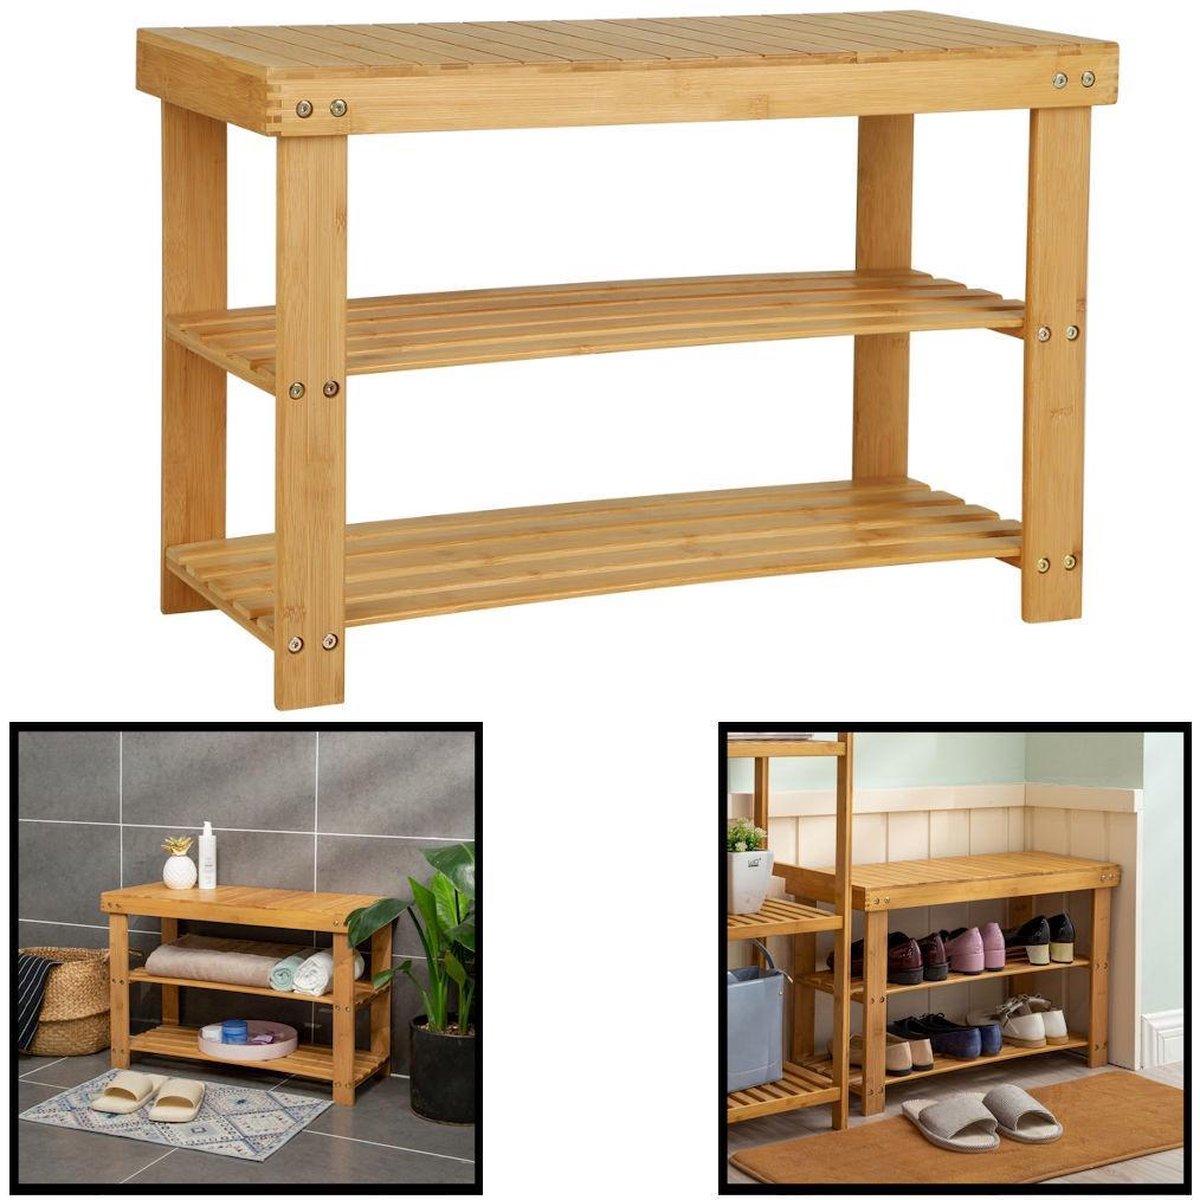 Decopatent® Schoenenrek bamboe hout - Voor 6 paar schoenen - 70 cm breed - 2 etages - Opbergrek met moderne uitstraling